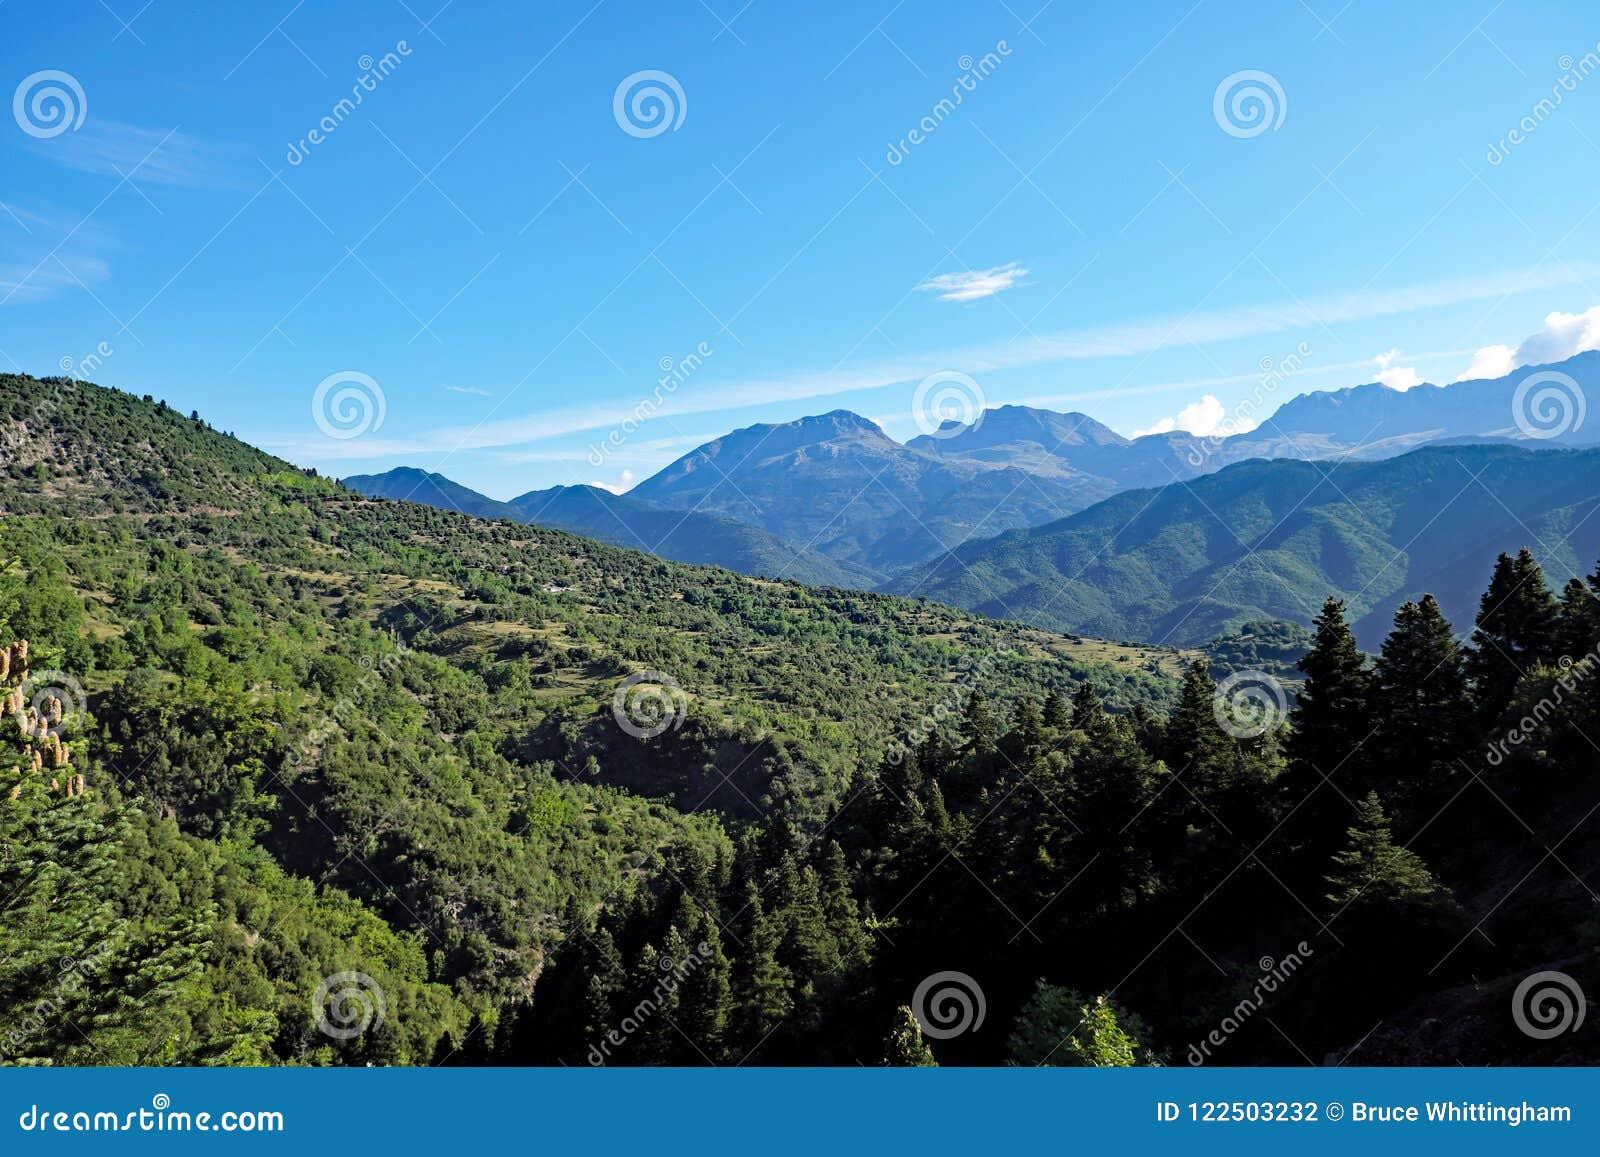 Florestas gregas do pinho de montanha, Grécia